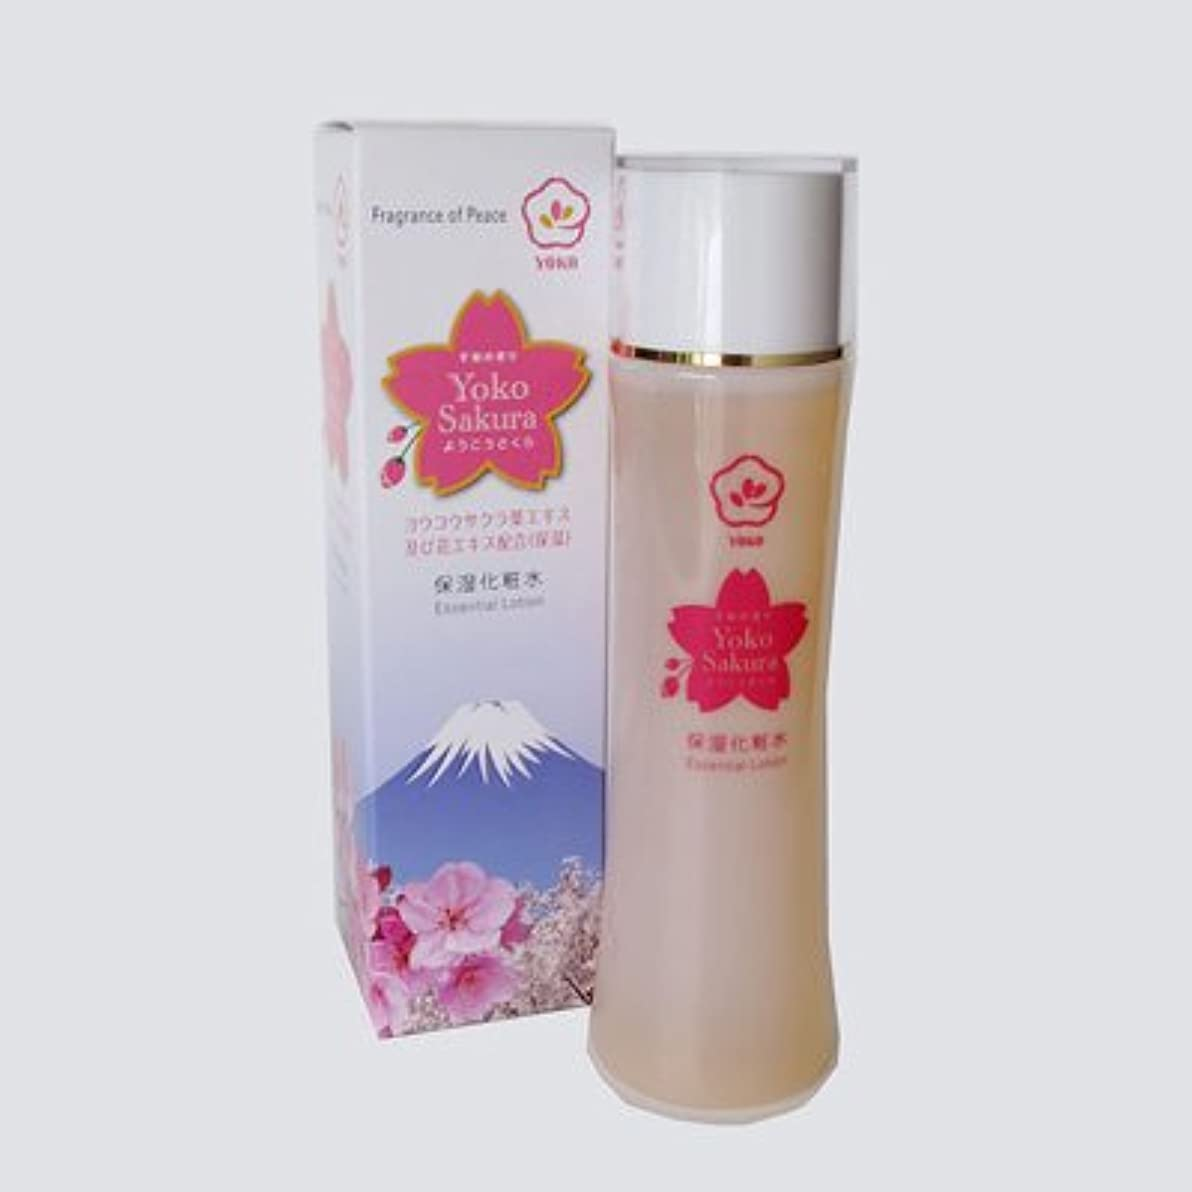 かもしれない以降マッシュ陽光ローション(保湿化粧水) 陽光桜のエキス配合の保湿化粧水。敏感肌の方にもどうぞ